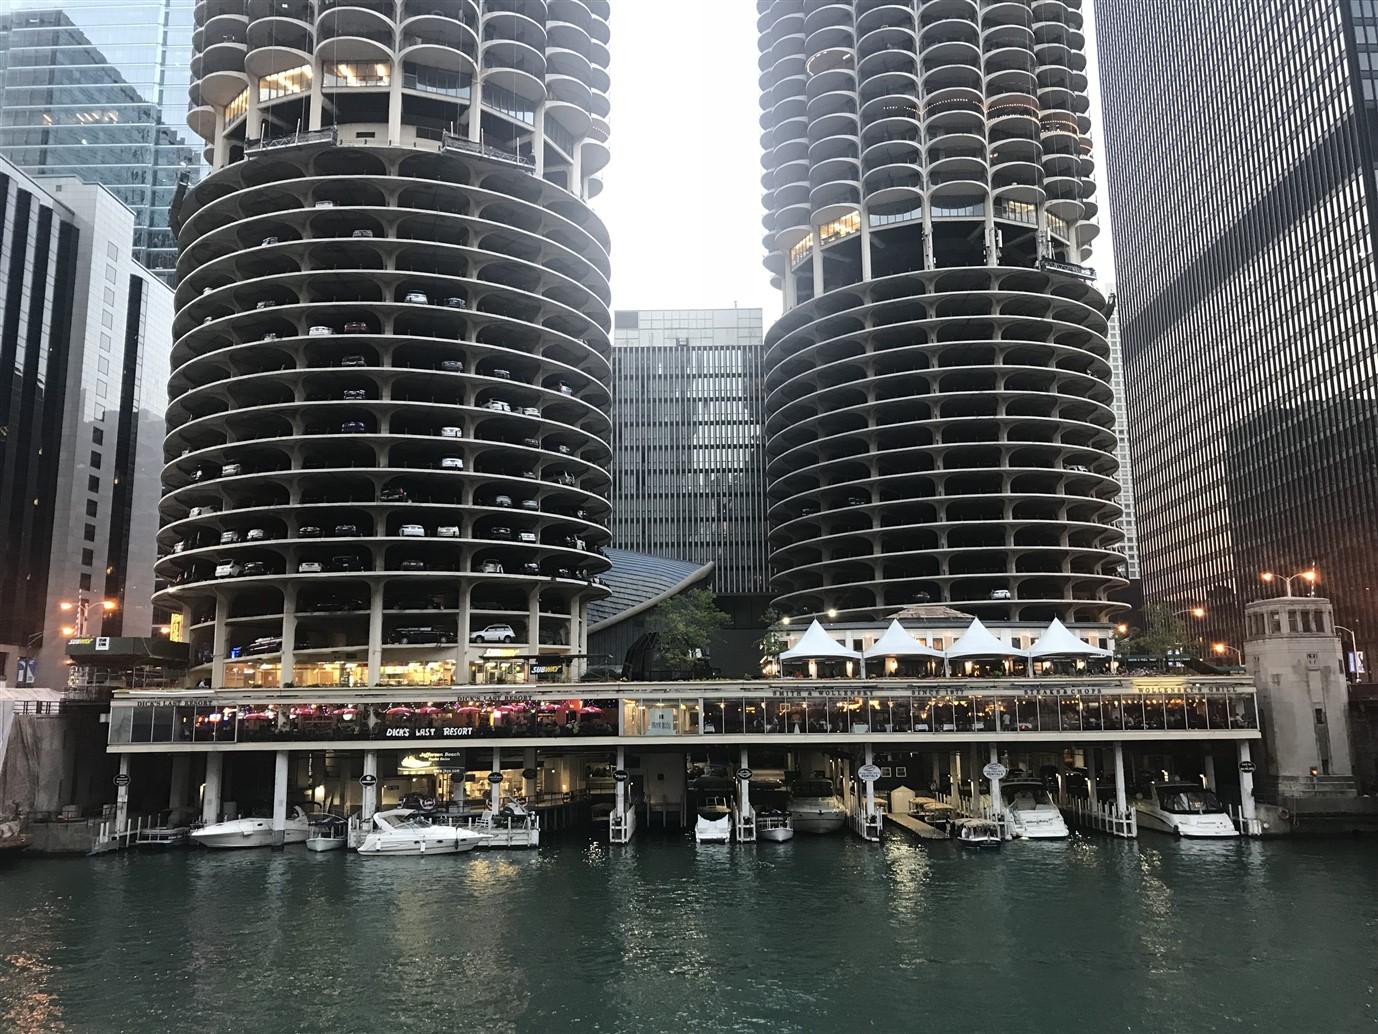 2018 07 15 83 Chicago.jpg